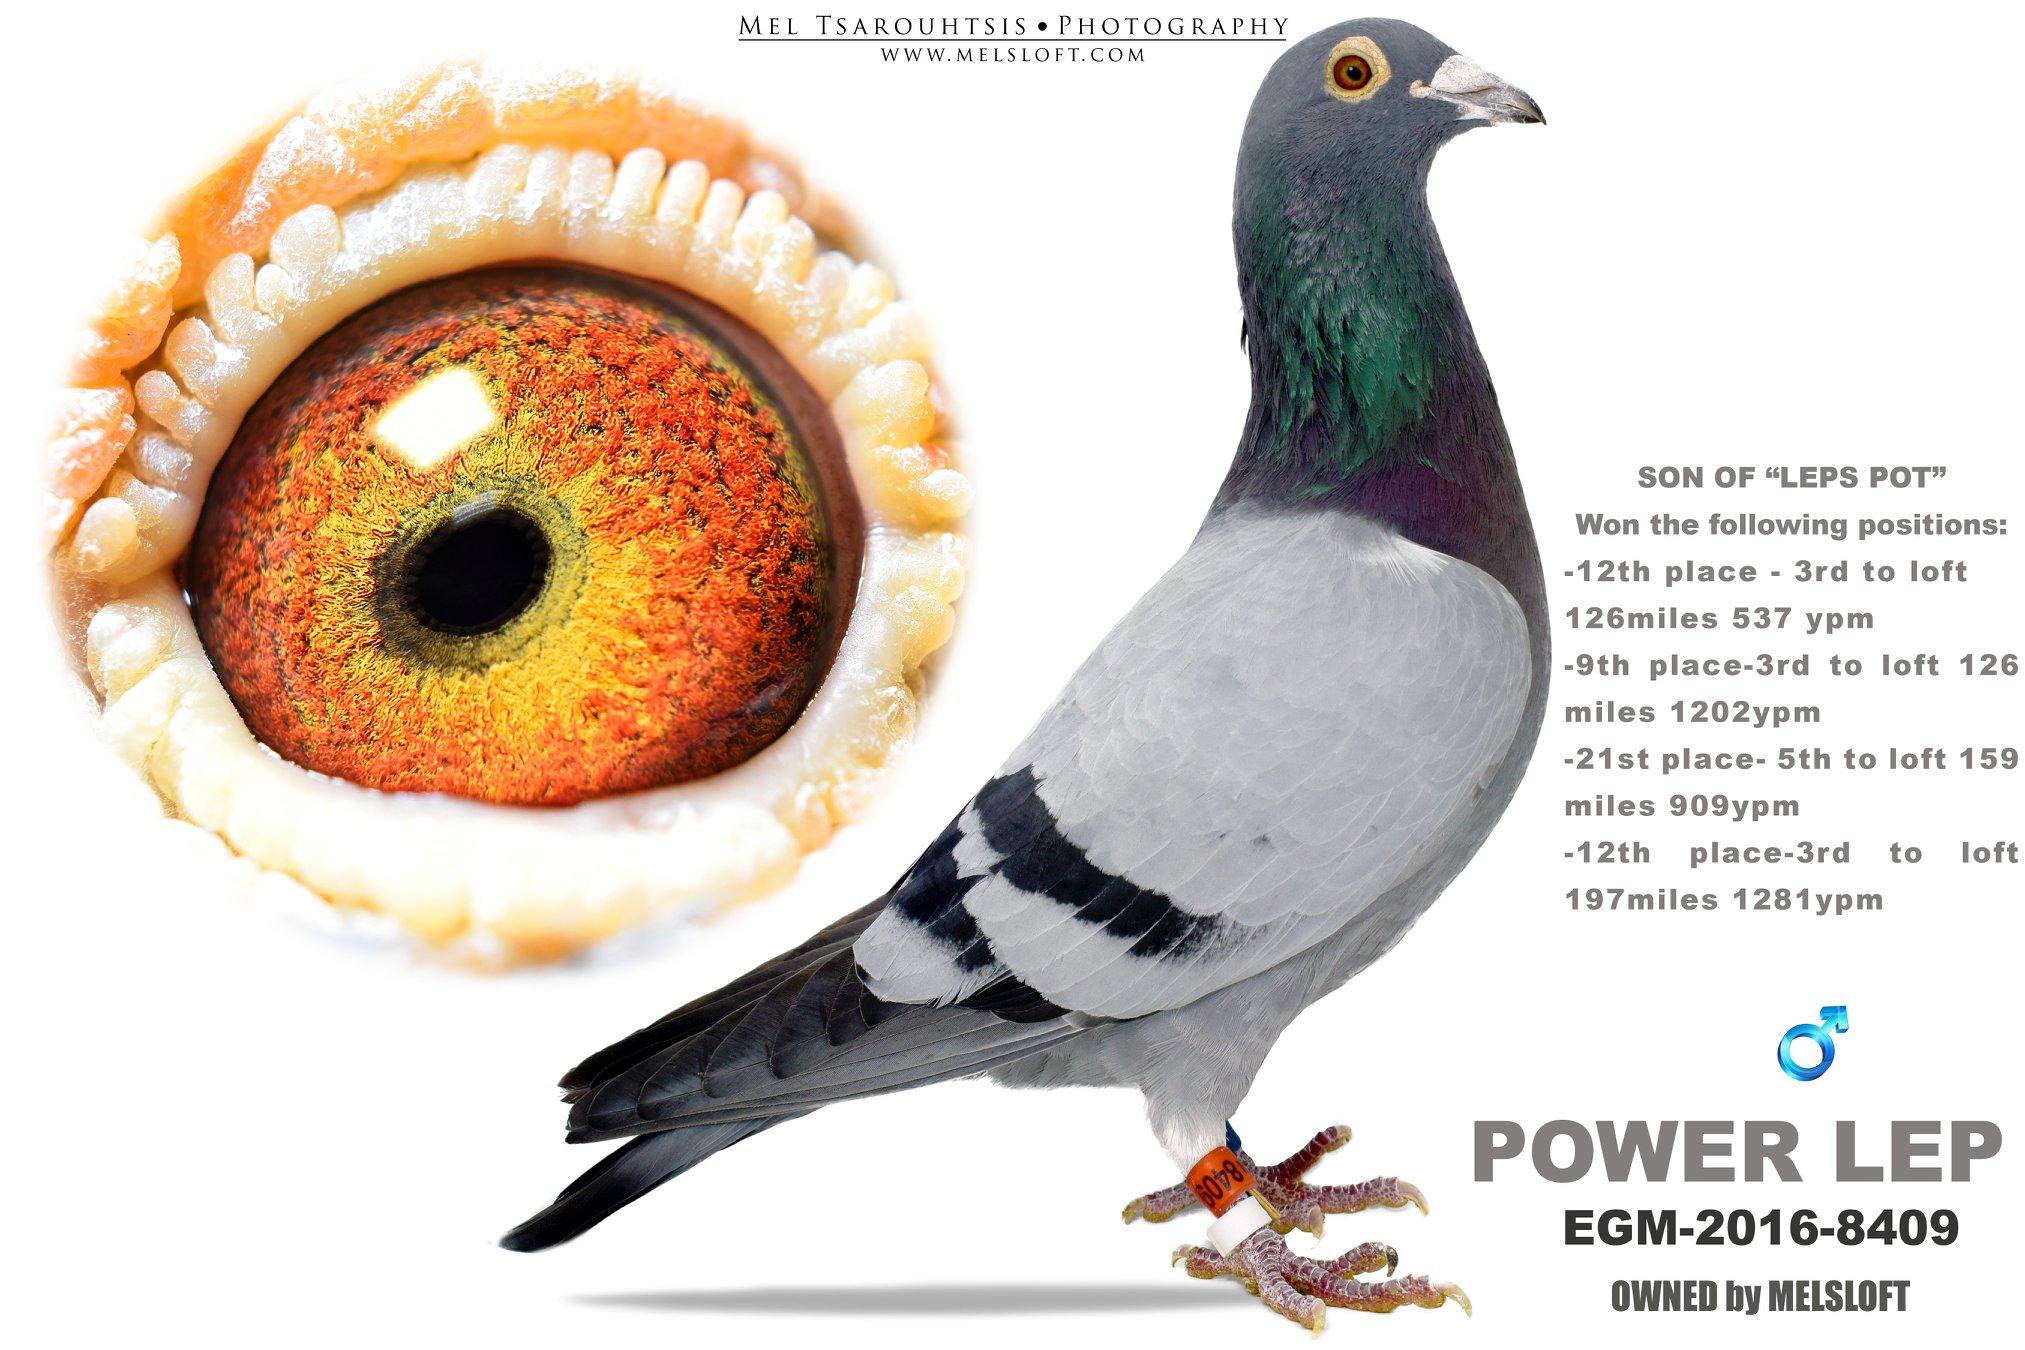 2016 EGM 8409 POWER LEP